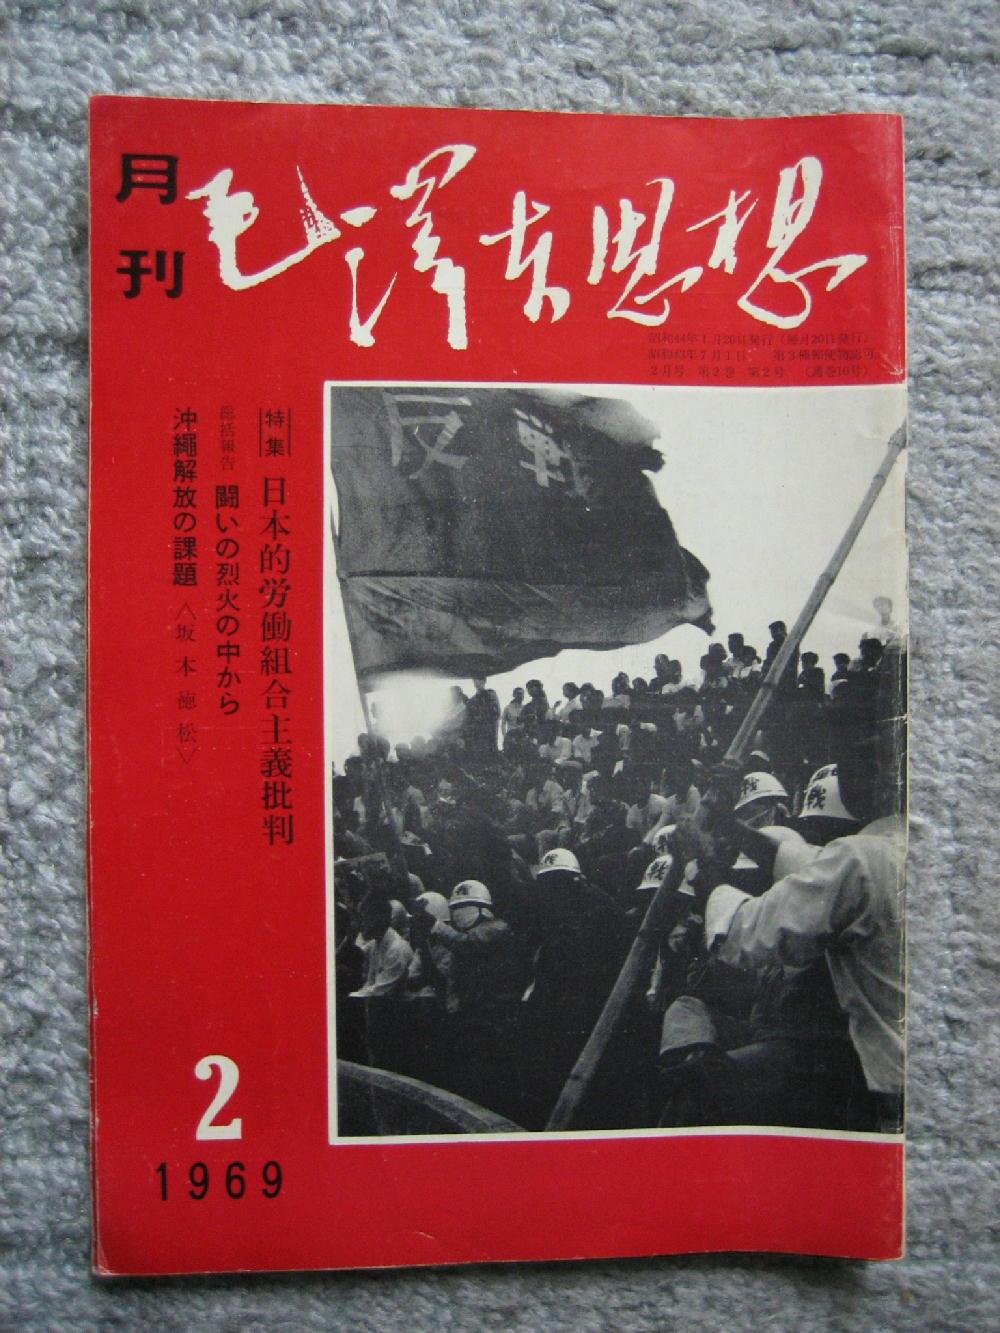 北海道の友人から 「毛沢東思想」など雑誌_d0027795_1111347.jpg